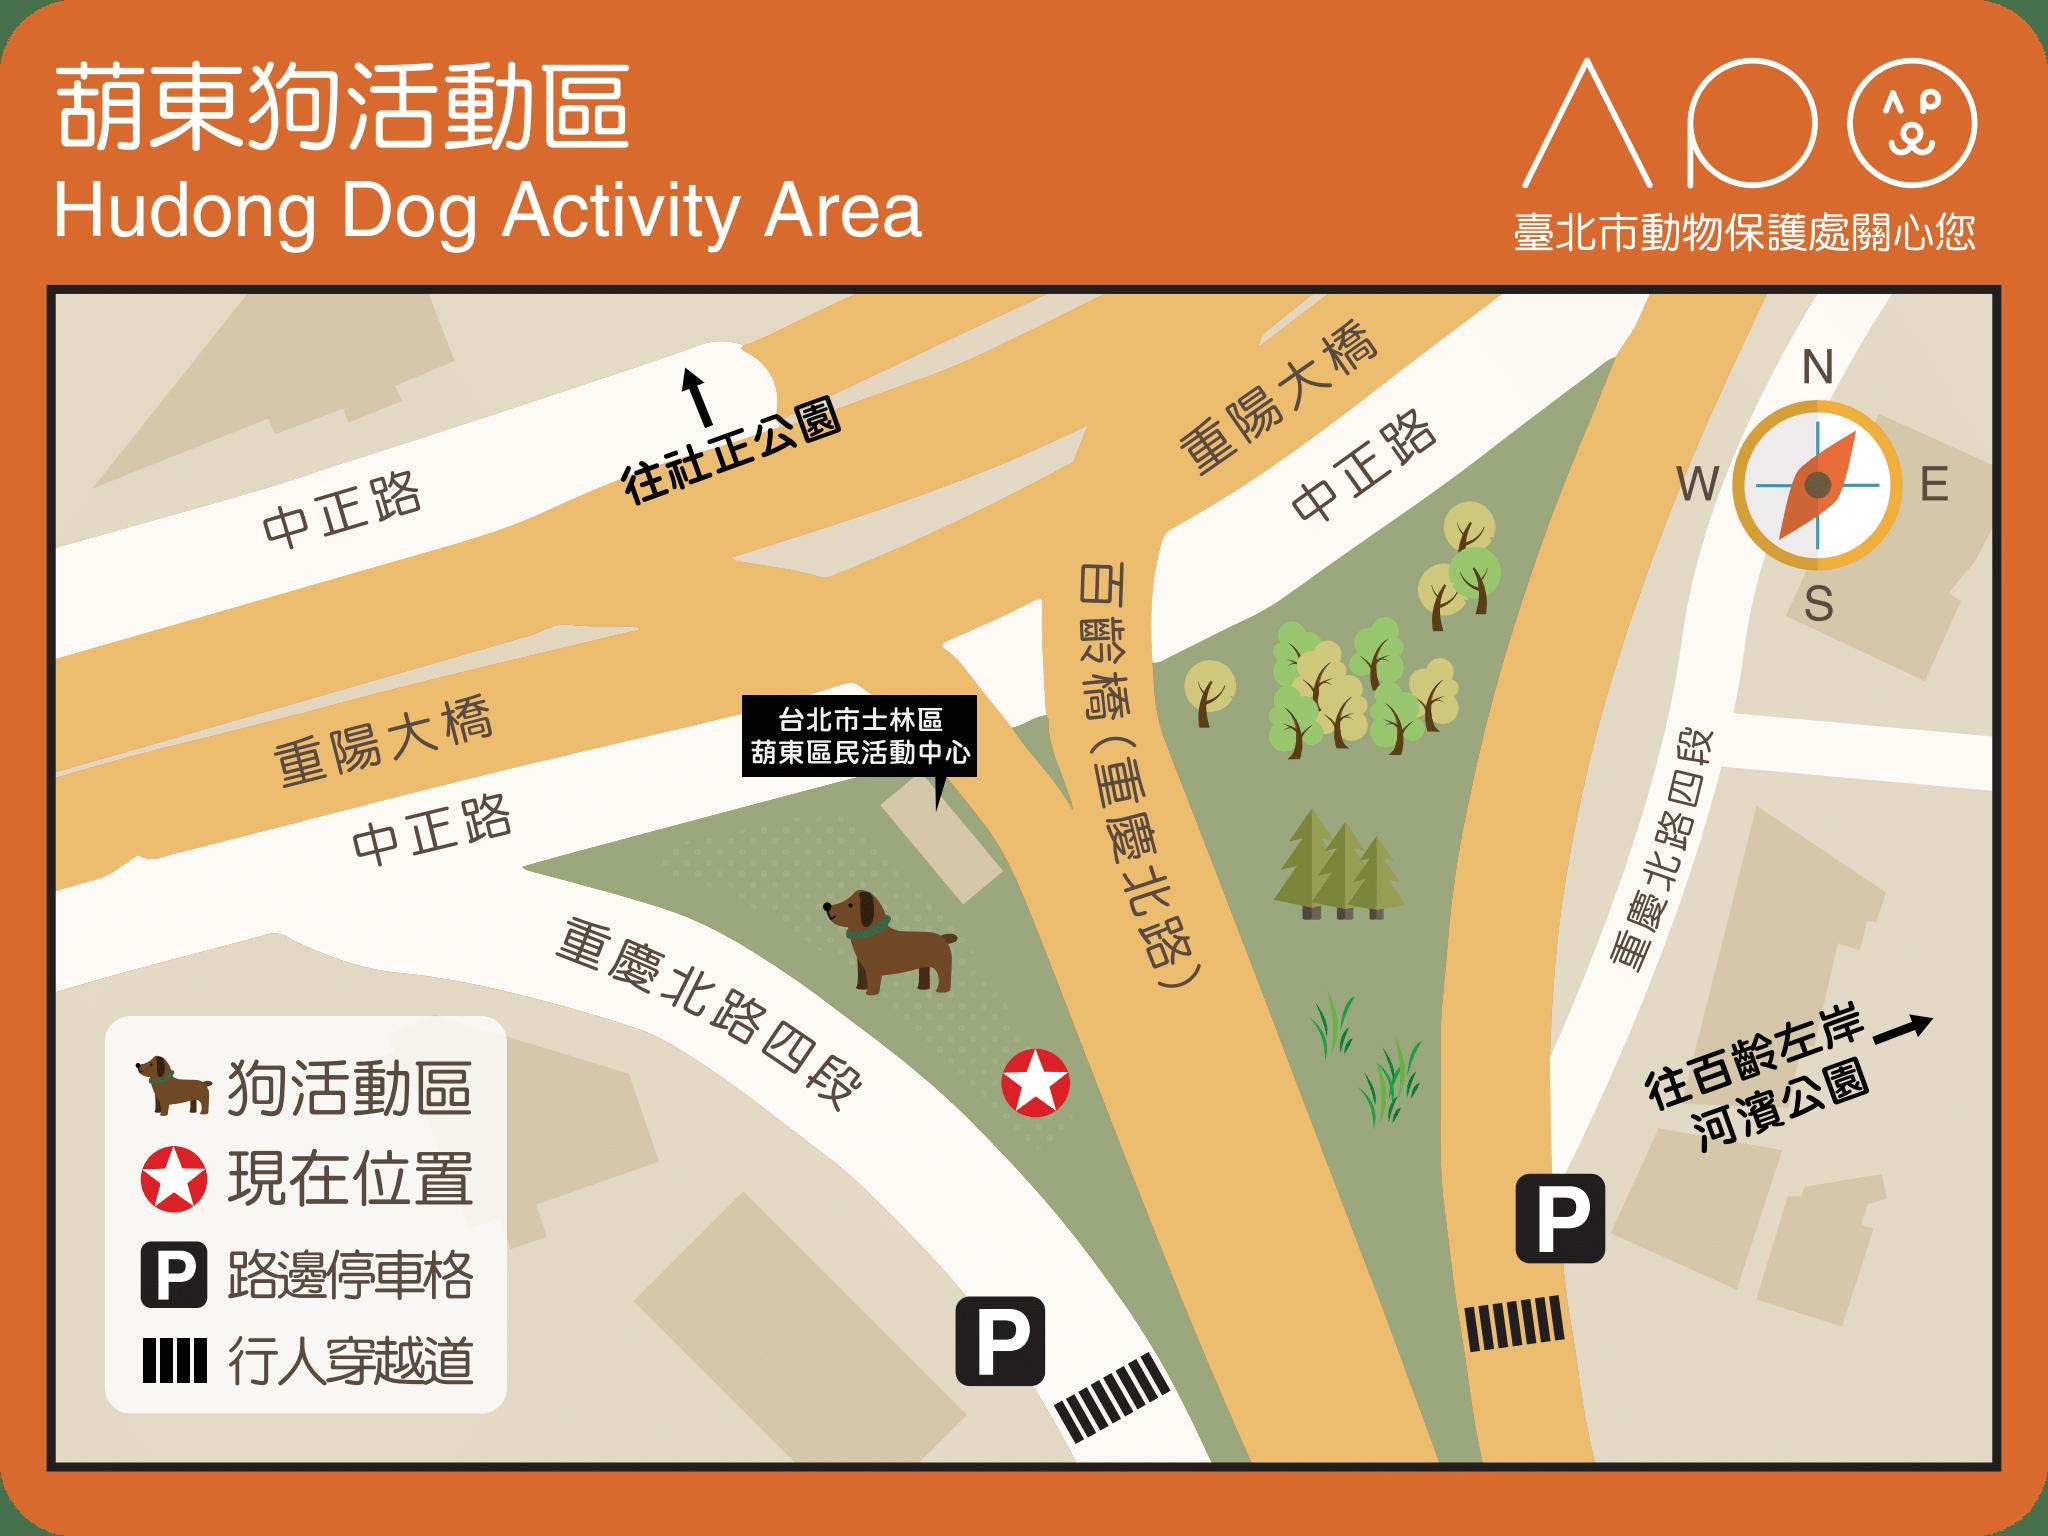 圖1. 葫東狗活動區位置圖